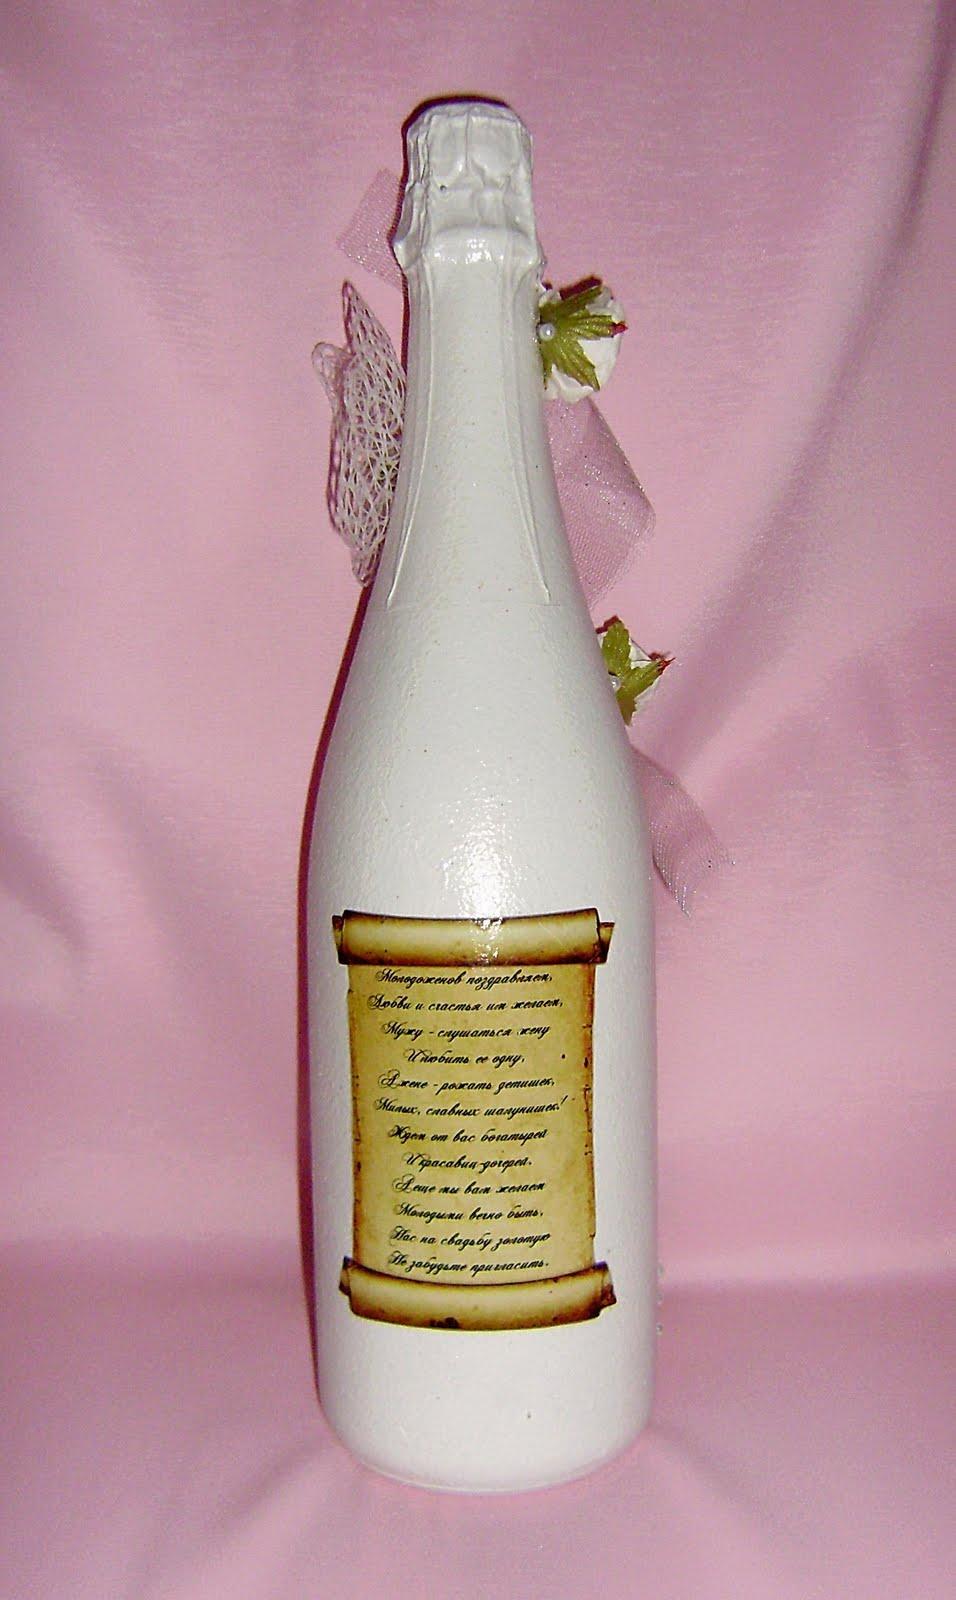 Поздравления на бутылках фото